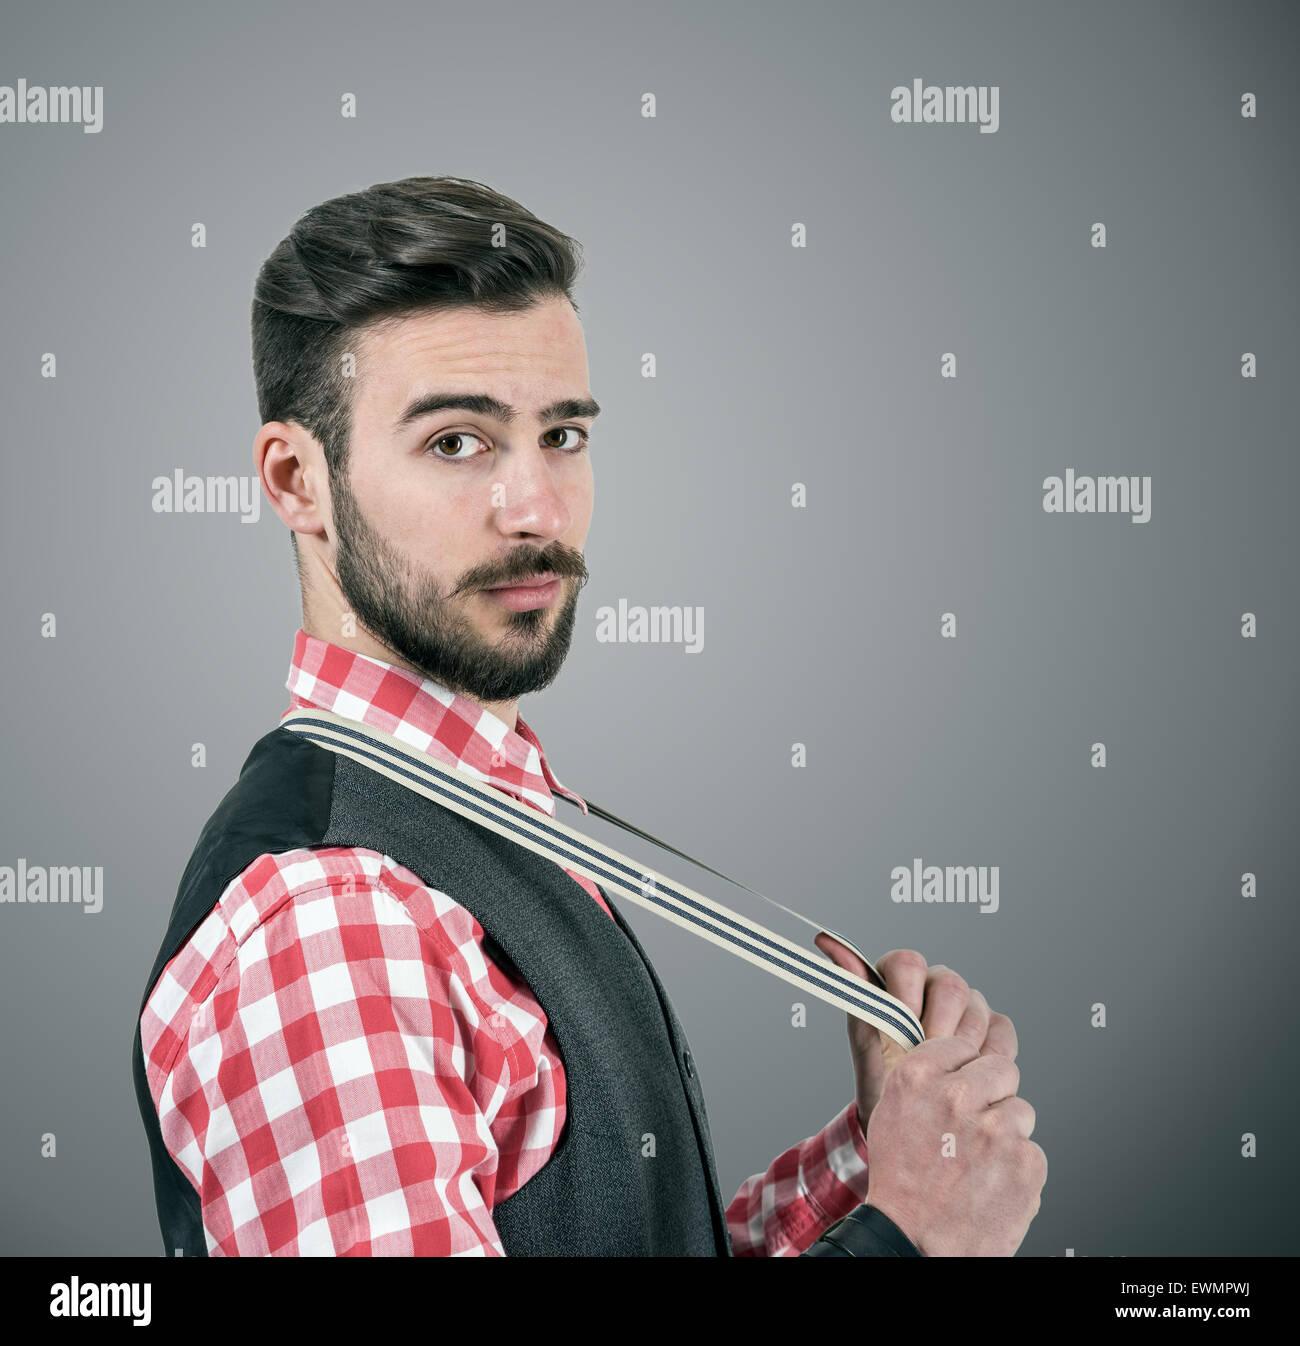 Desaturado retrato de joven barbudo hipster tirando de su tirantes mirando a la cámara a través de studio Imagen De Stock